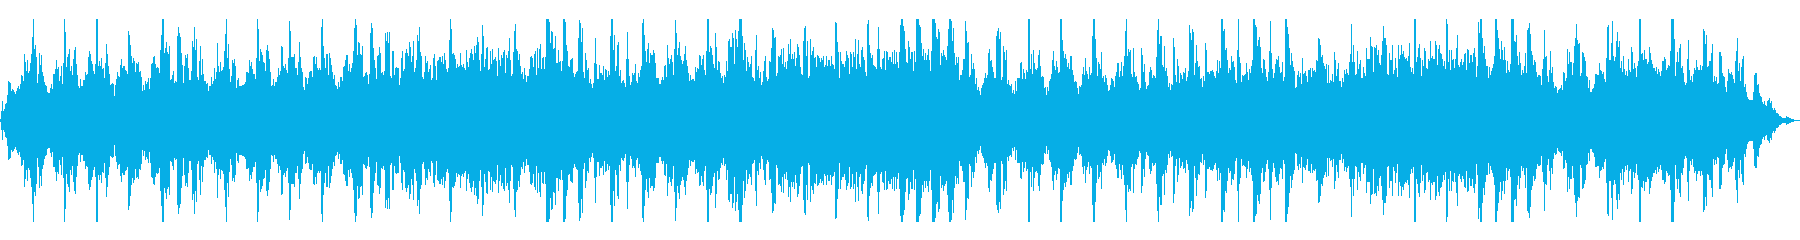 瞑想やヨガ、睡眠誘導のための音楽 06bの再生済みの波形